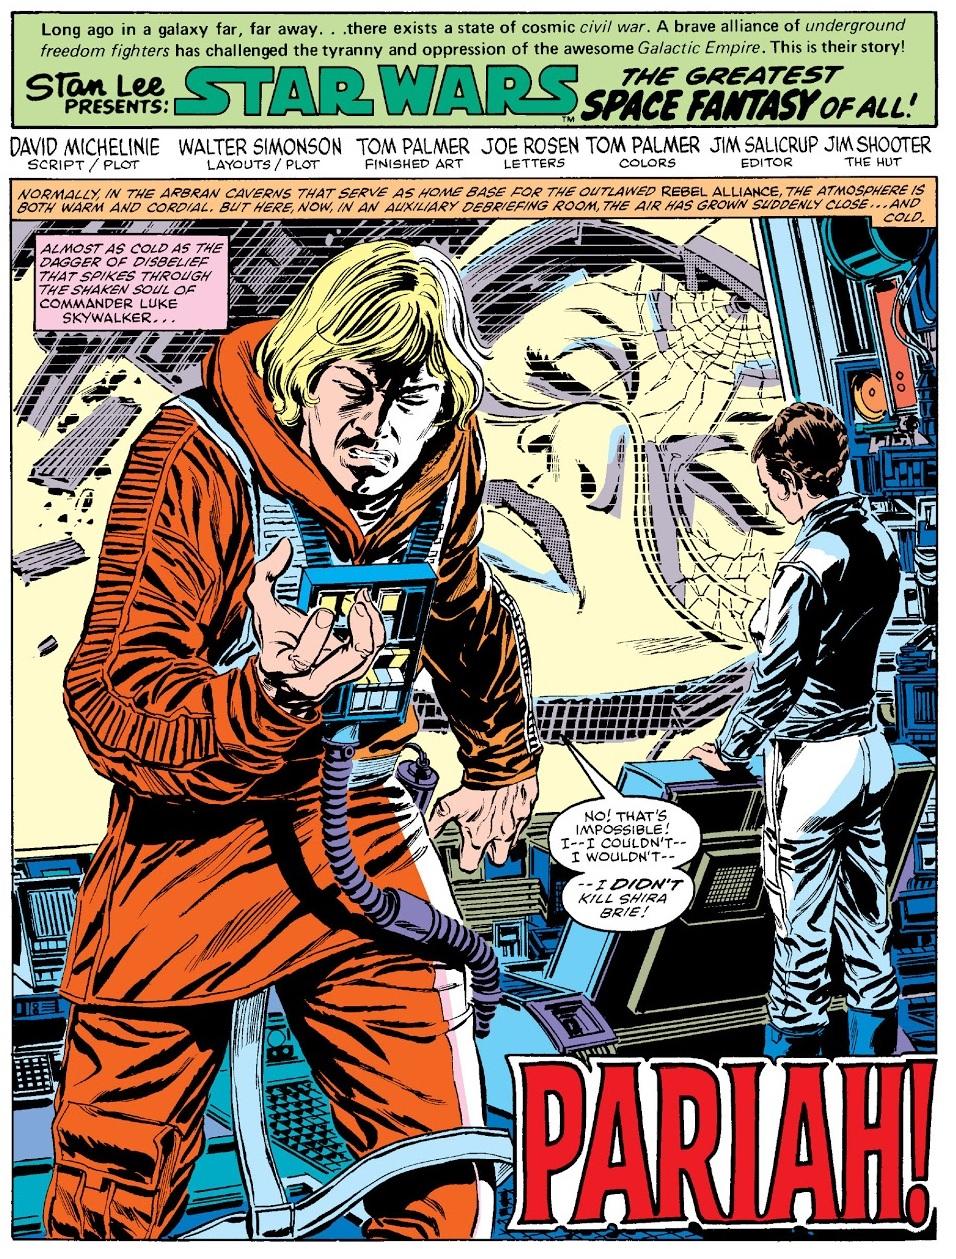 Pariah Star Wars 1977 62